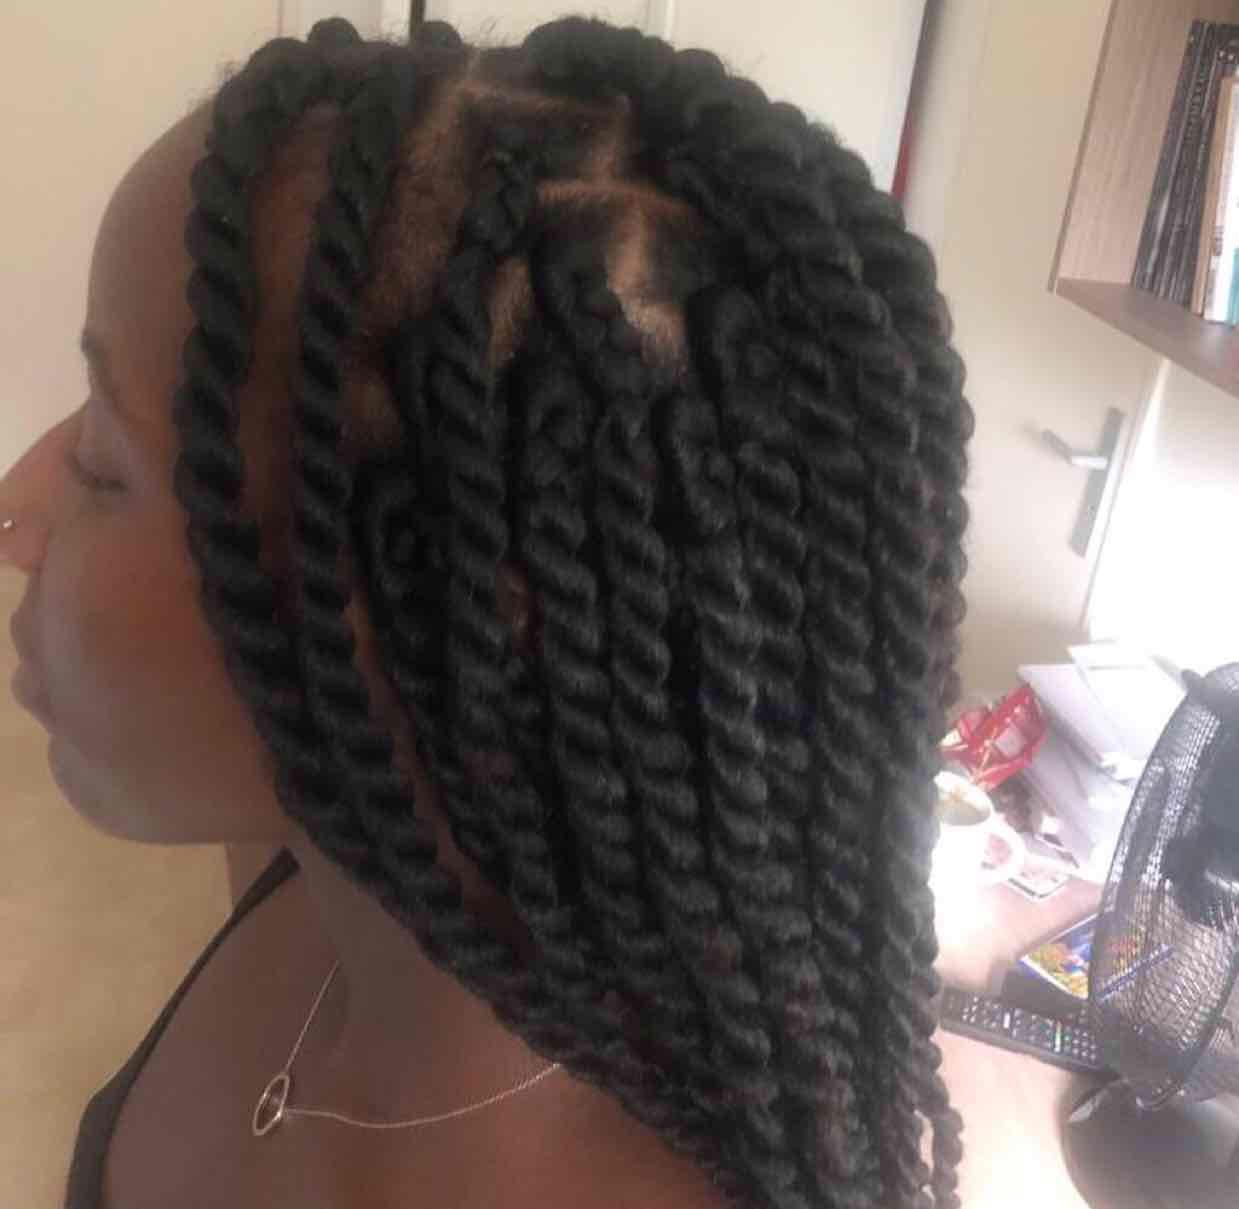 salon de coiffure afro tresse tresses box braids crochet braids vanilles tissages paris 75 77 78 91 92 93 94 95 UFAPFMUG